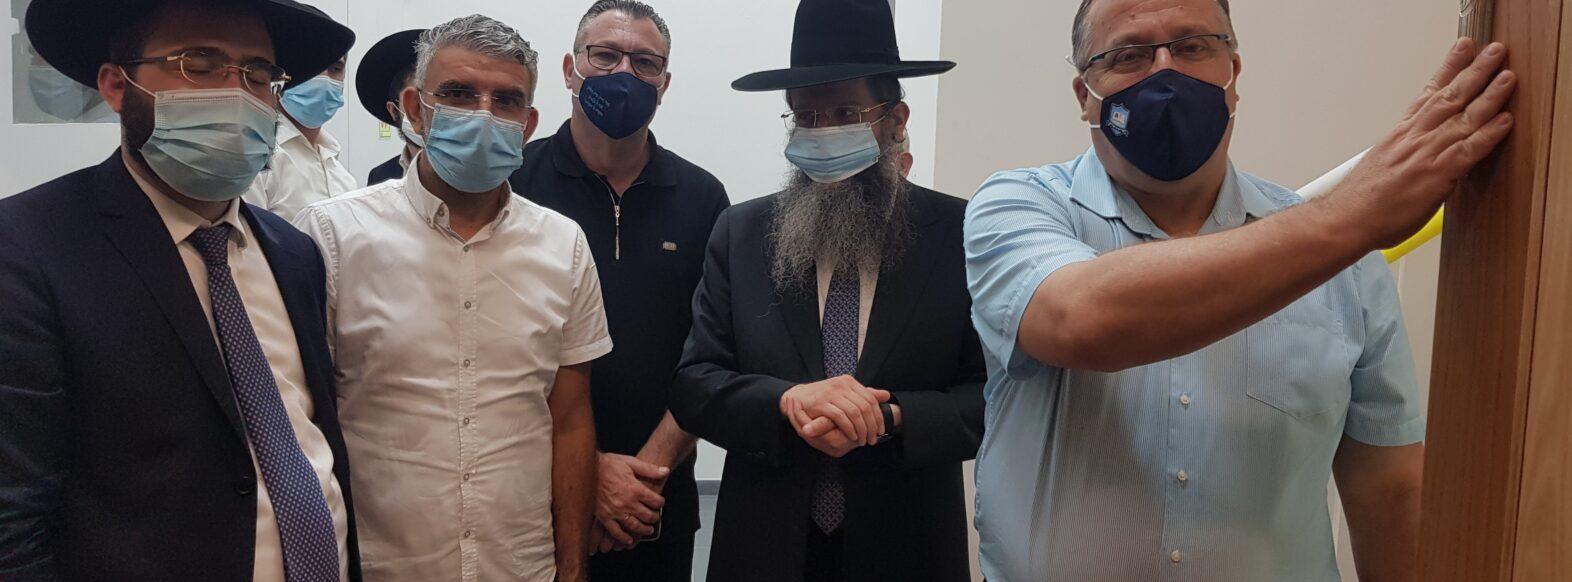 טקס קביעת מזוזה התקיים בבית הכנסת הגדול קהילת נאות אפק קריית ביאליק